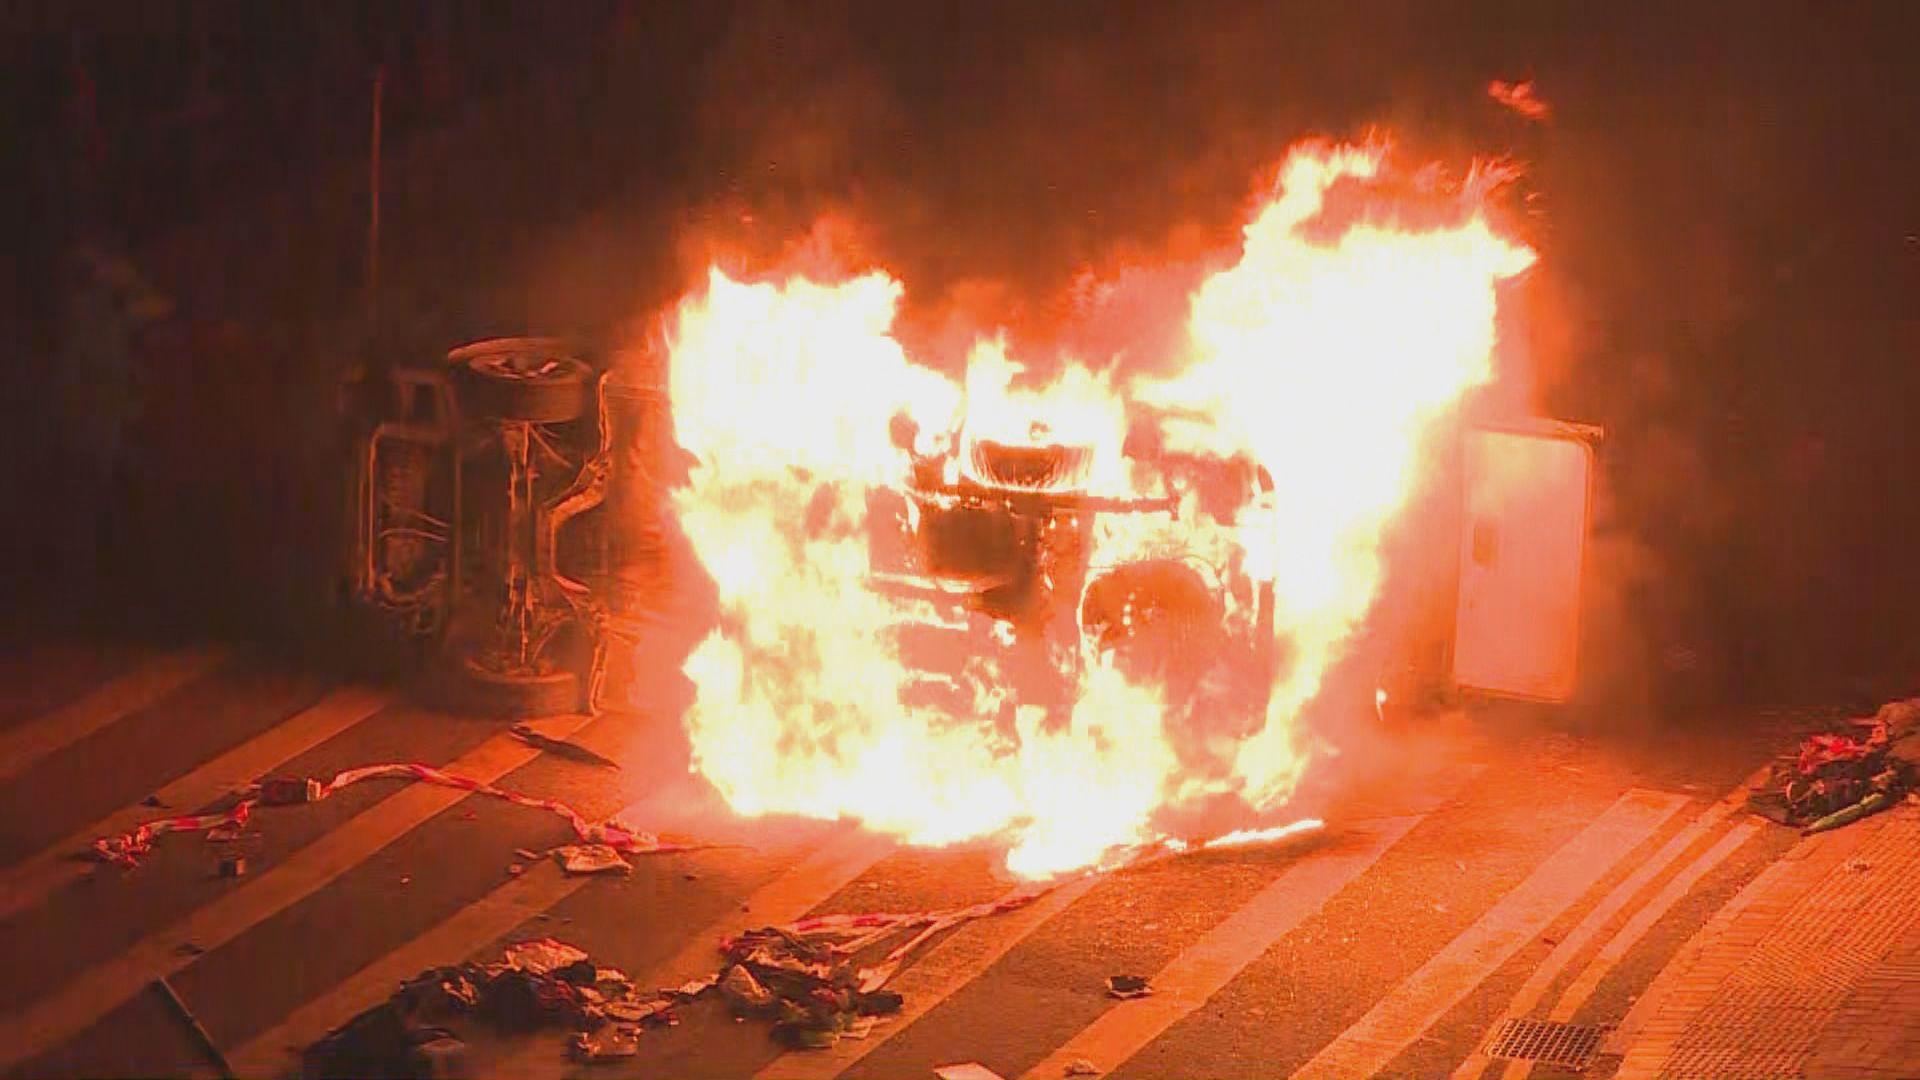 將軍澳有示威者放火燒車